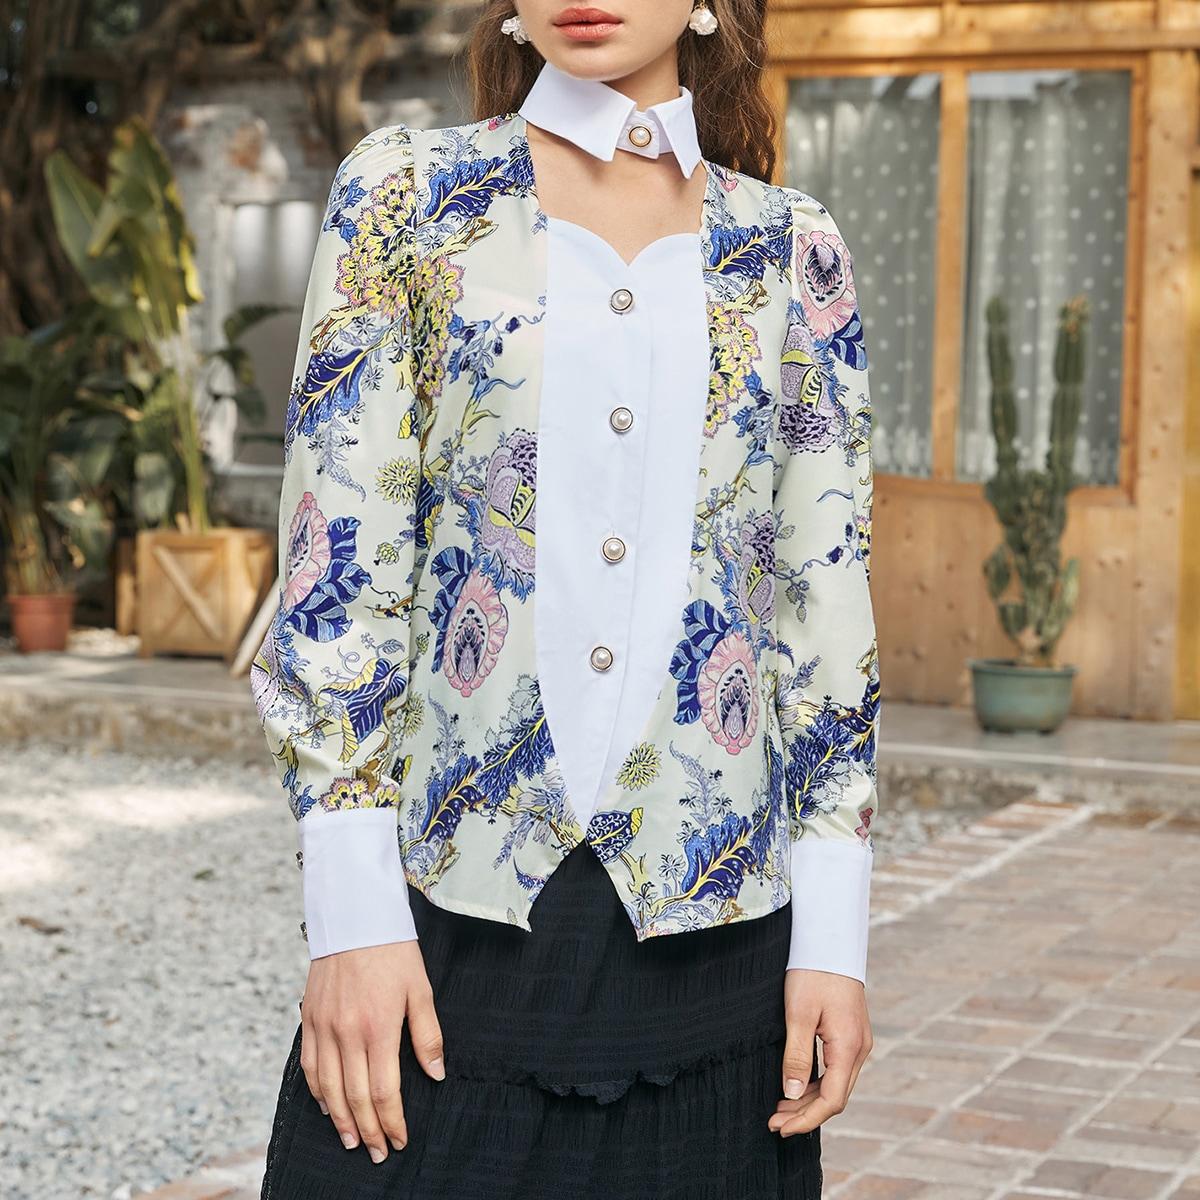 Bluse mit Blumen Muster und Ausschnitt vorn